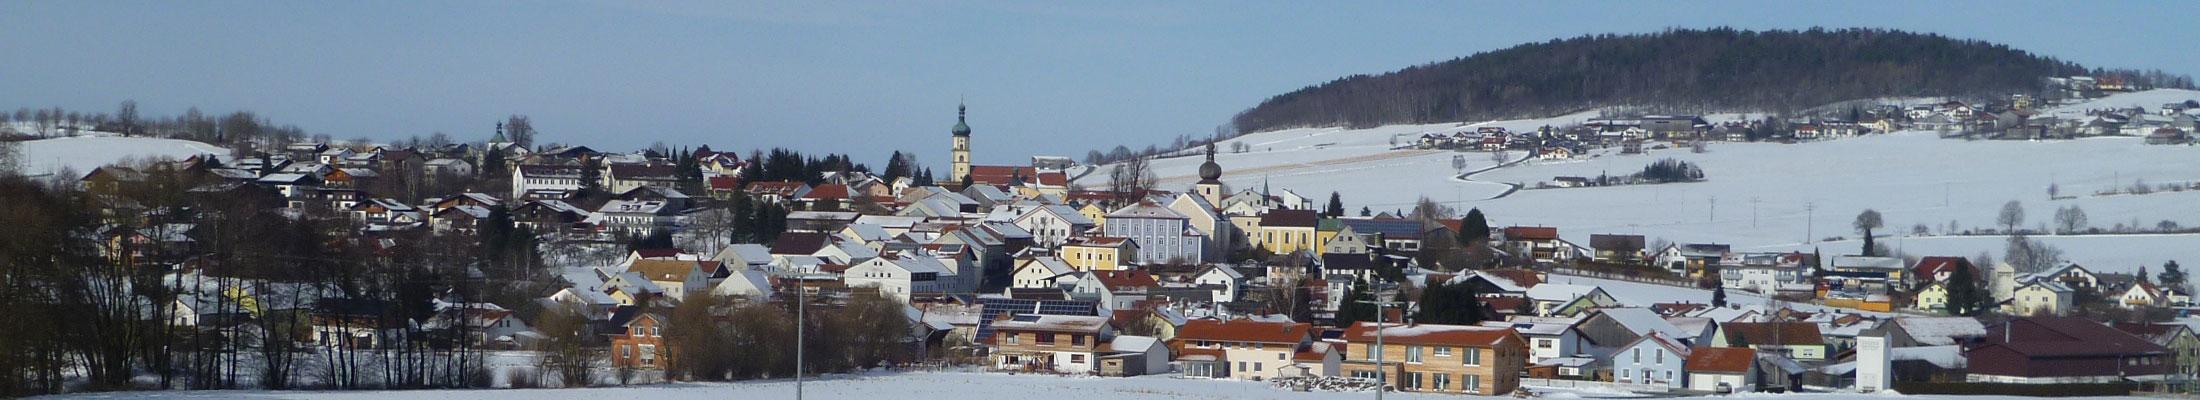 neukirchen_winter